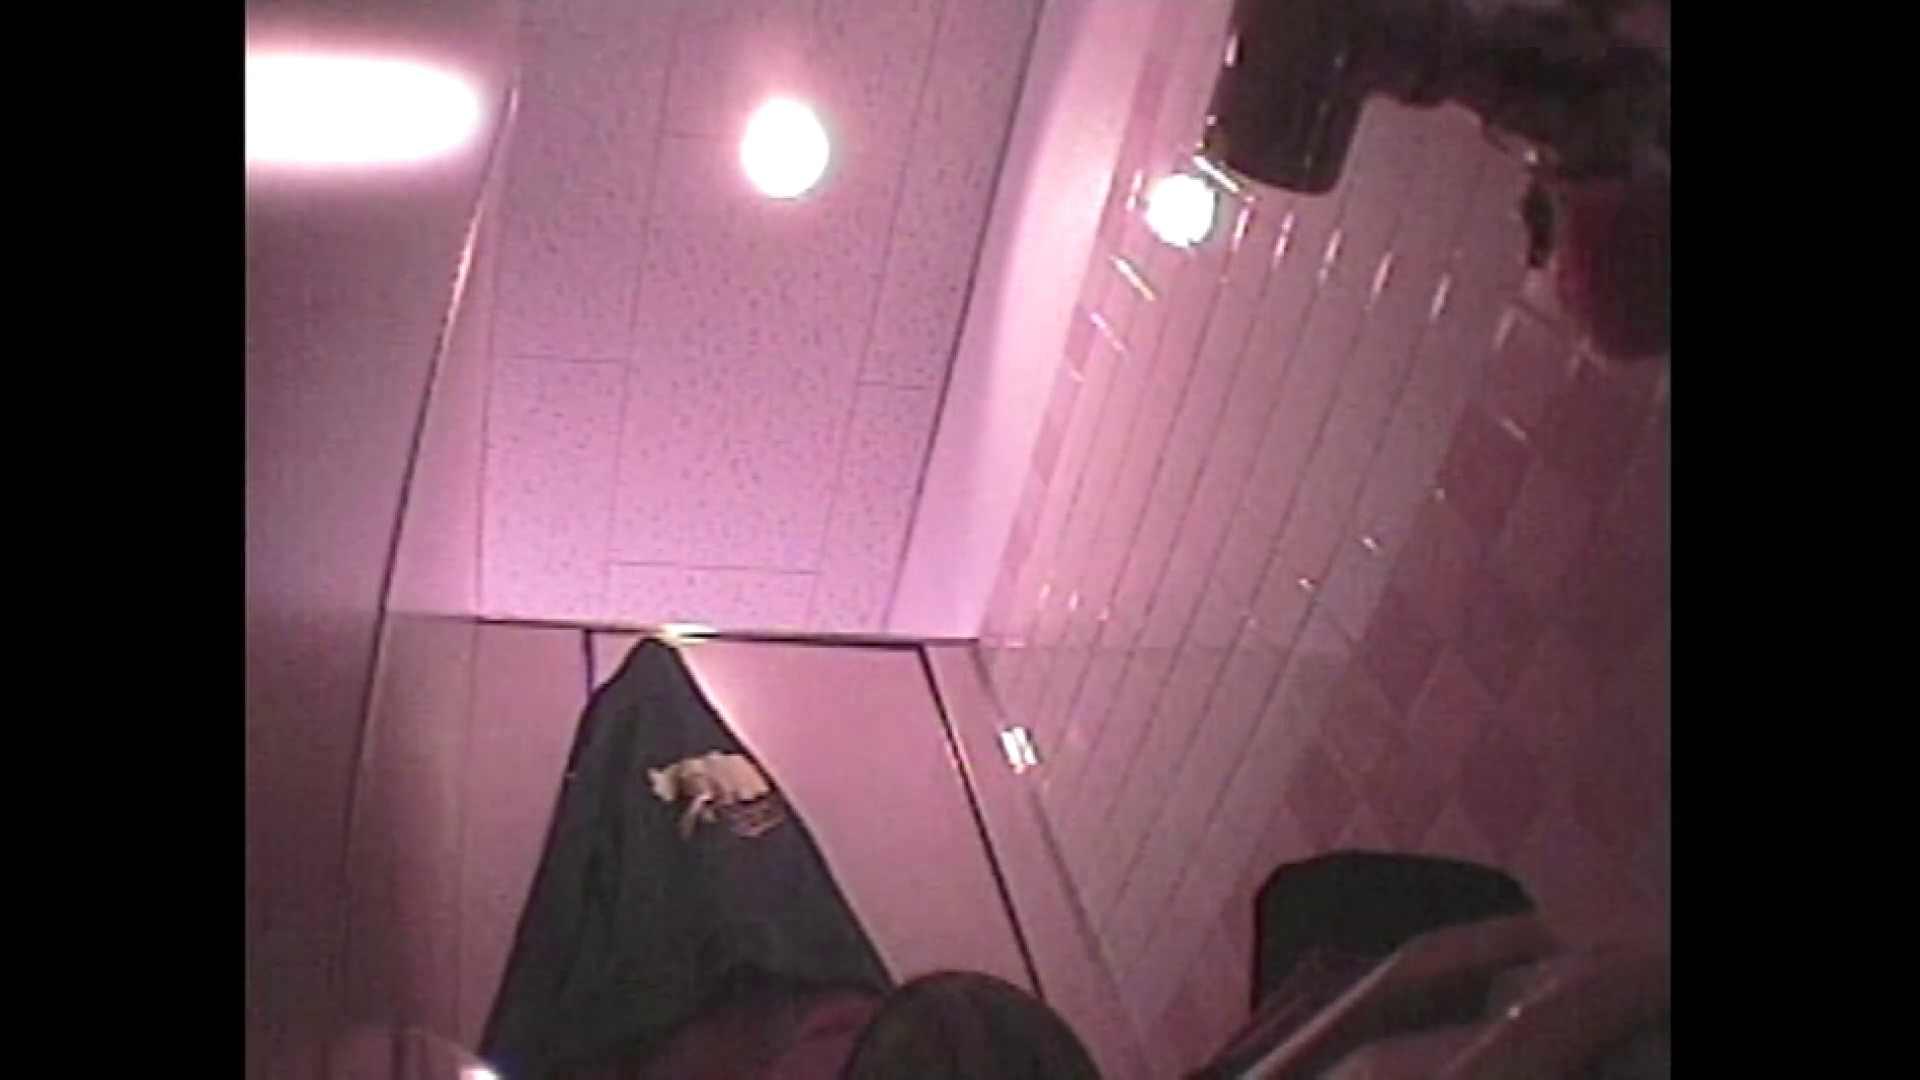 レース場での秘め事 Vol.22 洗面所のぞき オマンコ無修正動画無料 100枚 12